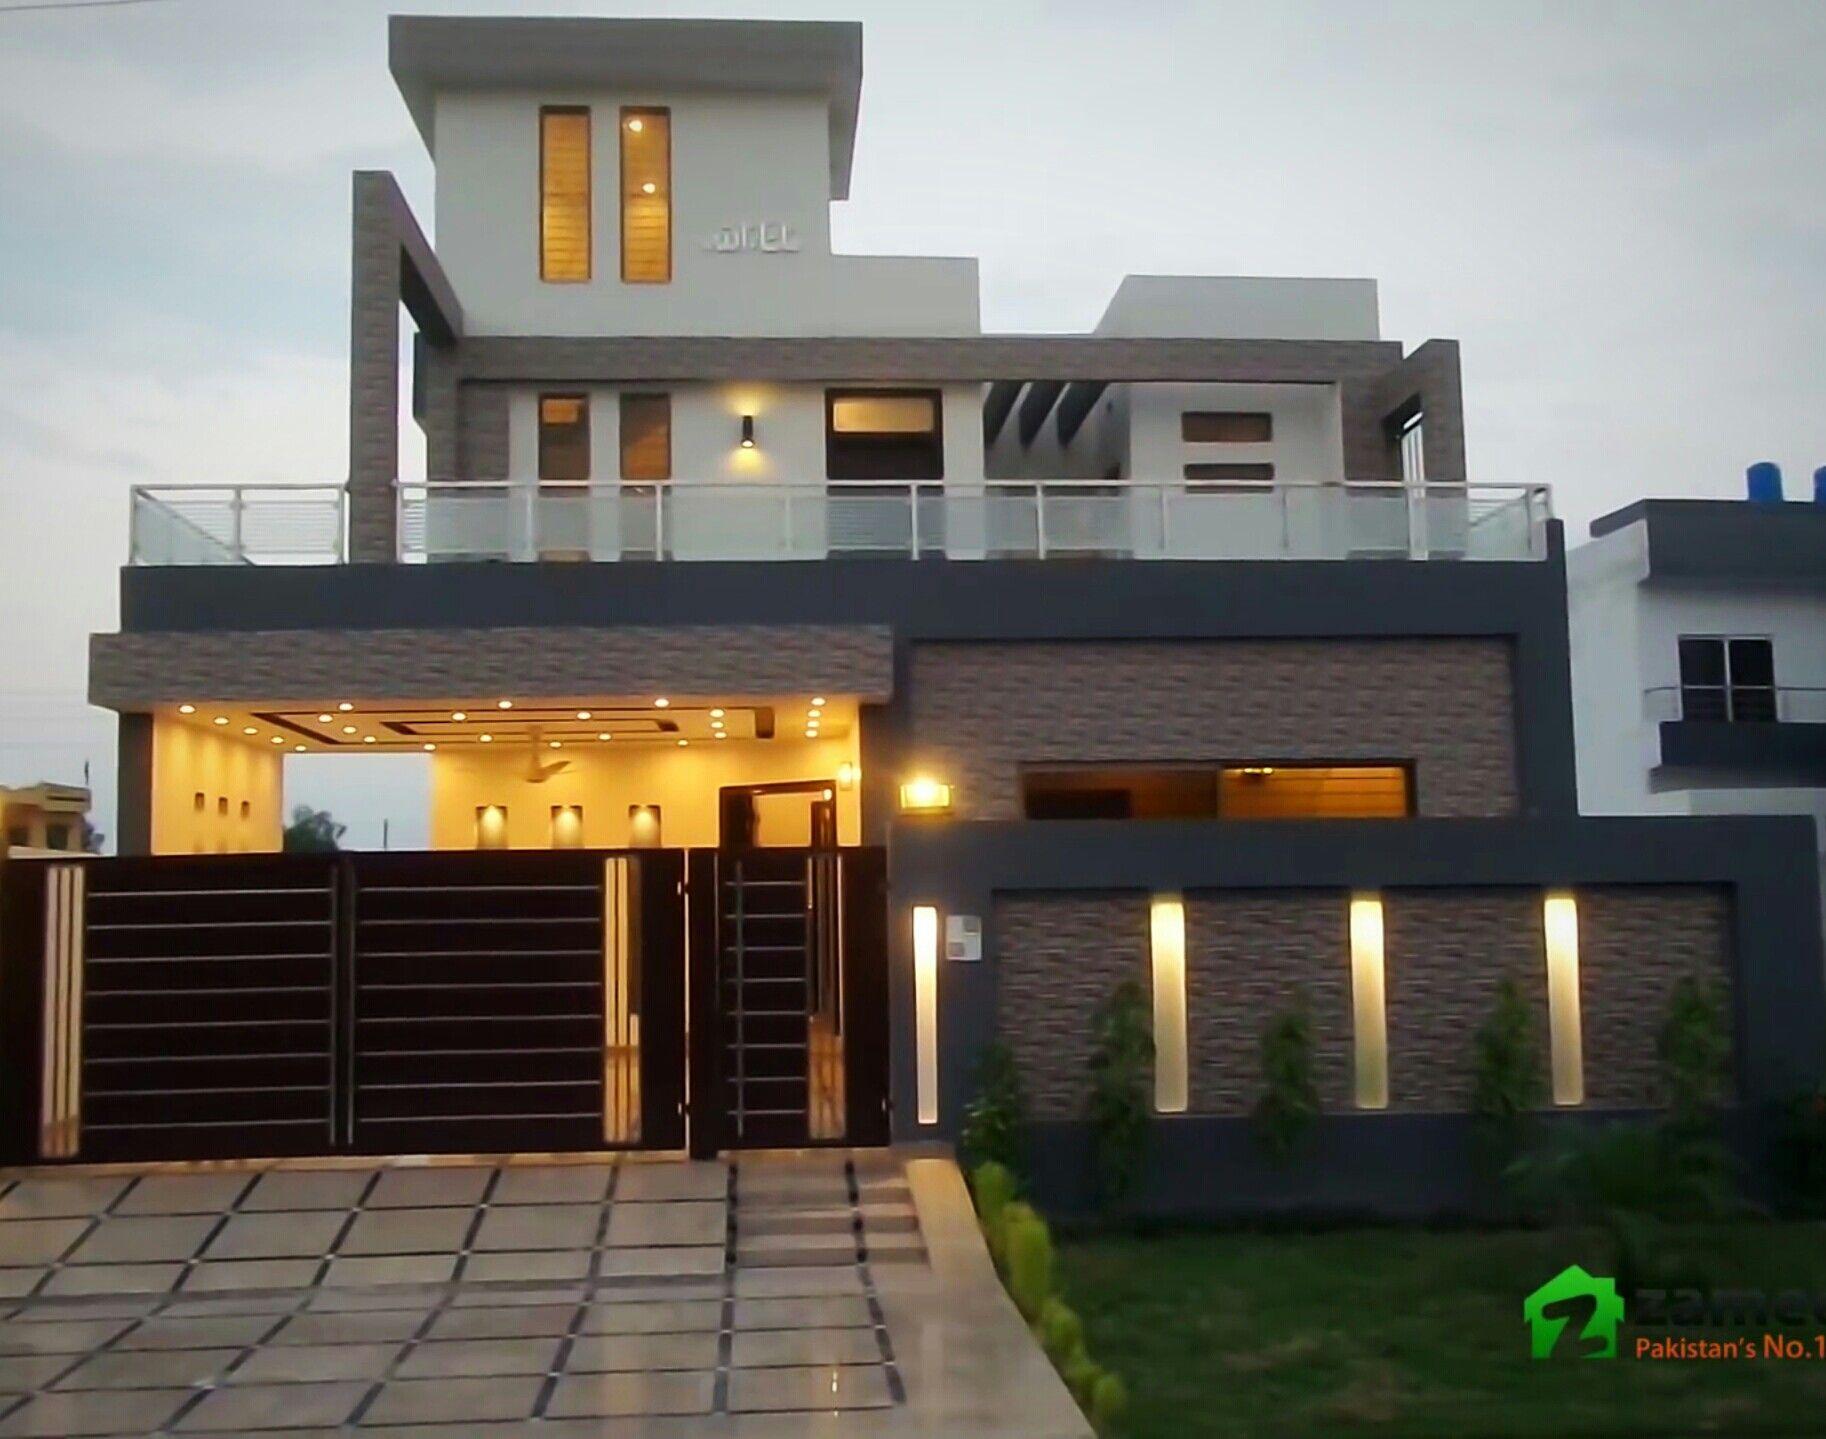 Boundary Wall Design House Gate Design Residential Building Design House Wall Design